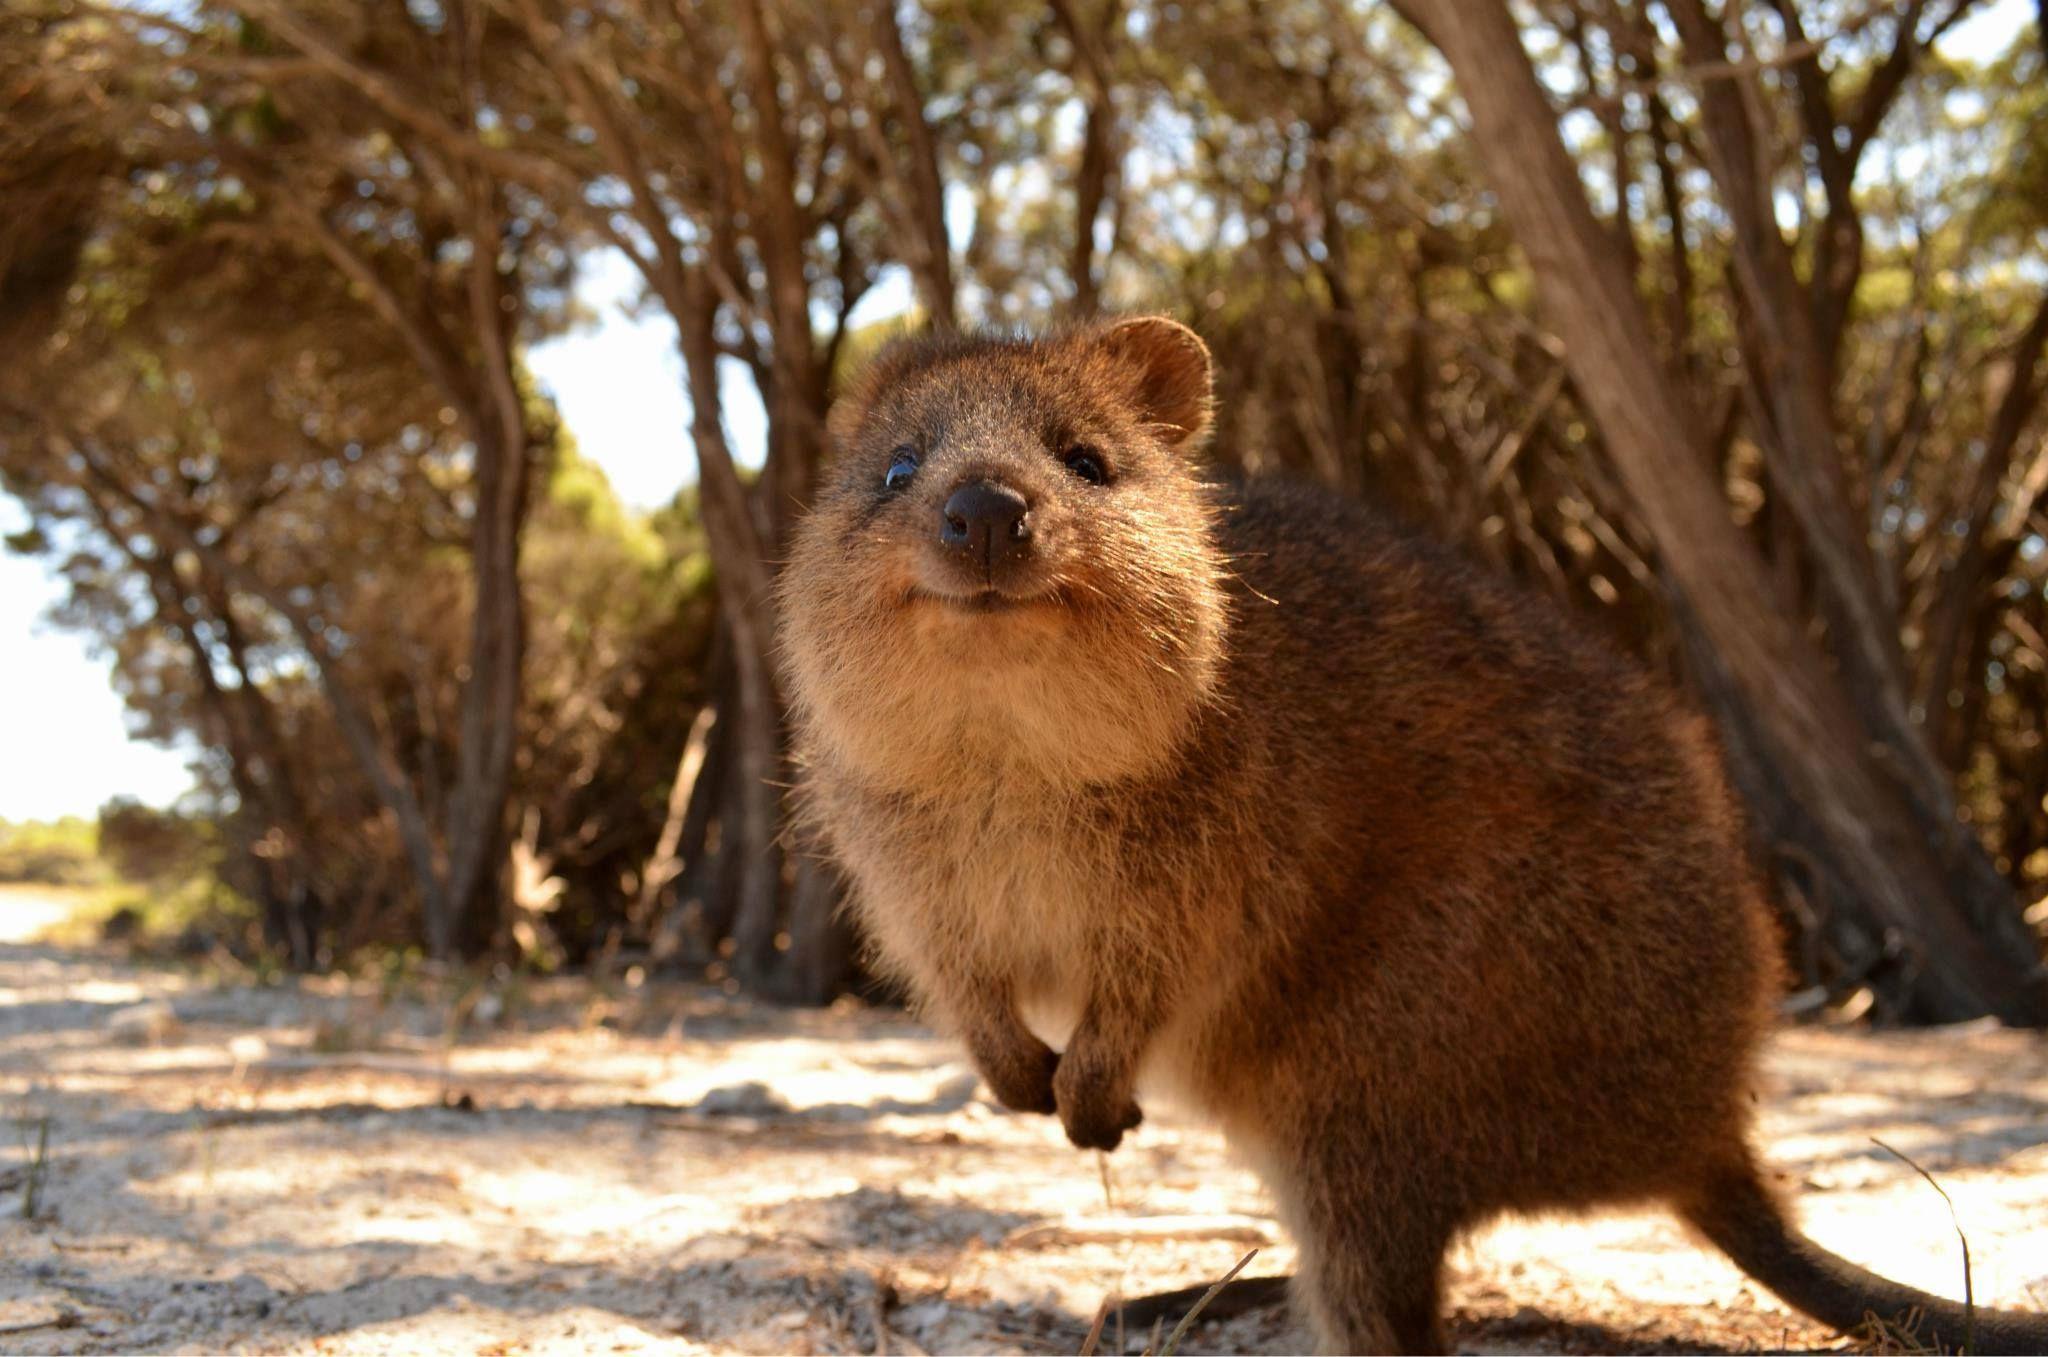 Quokka! Quoakka Australia Cute Cute Australian